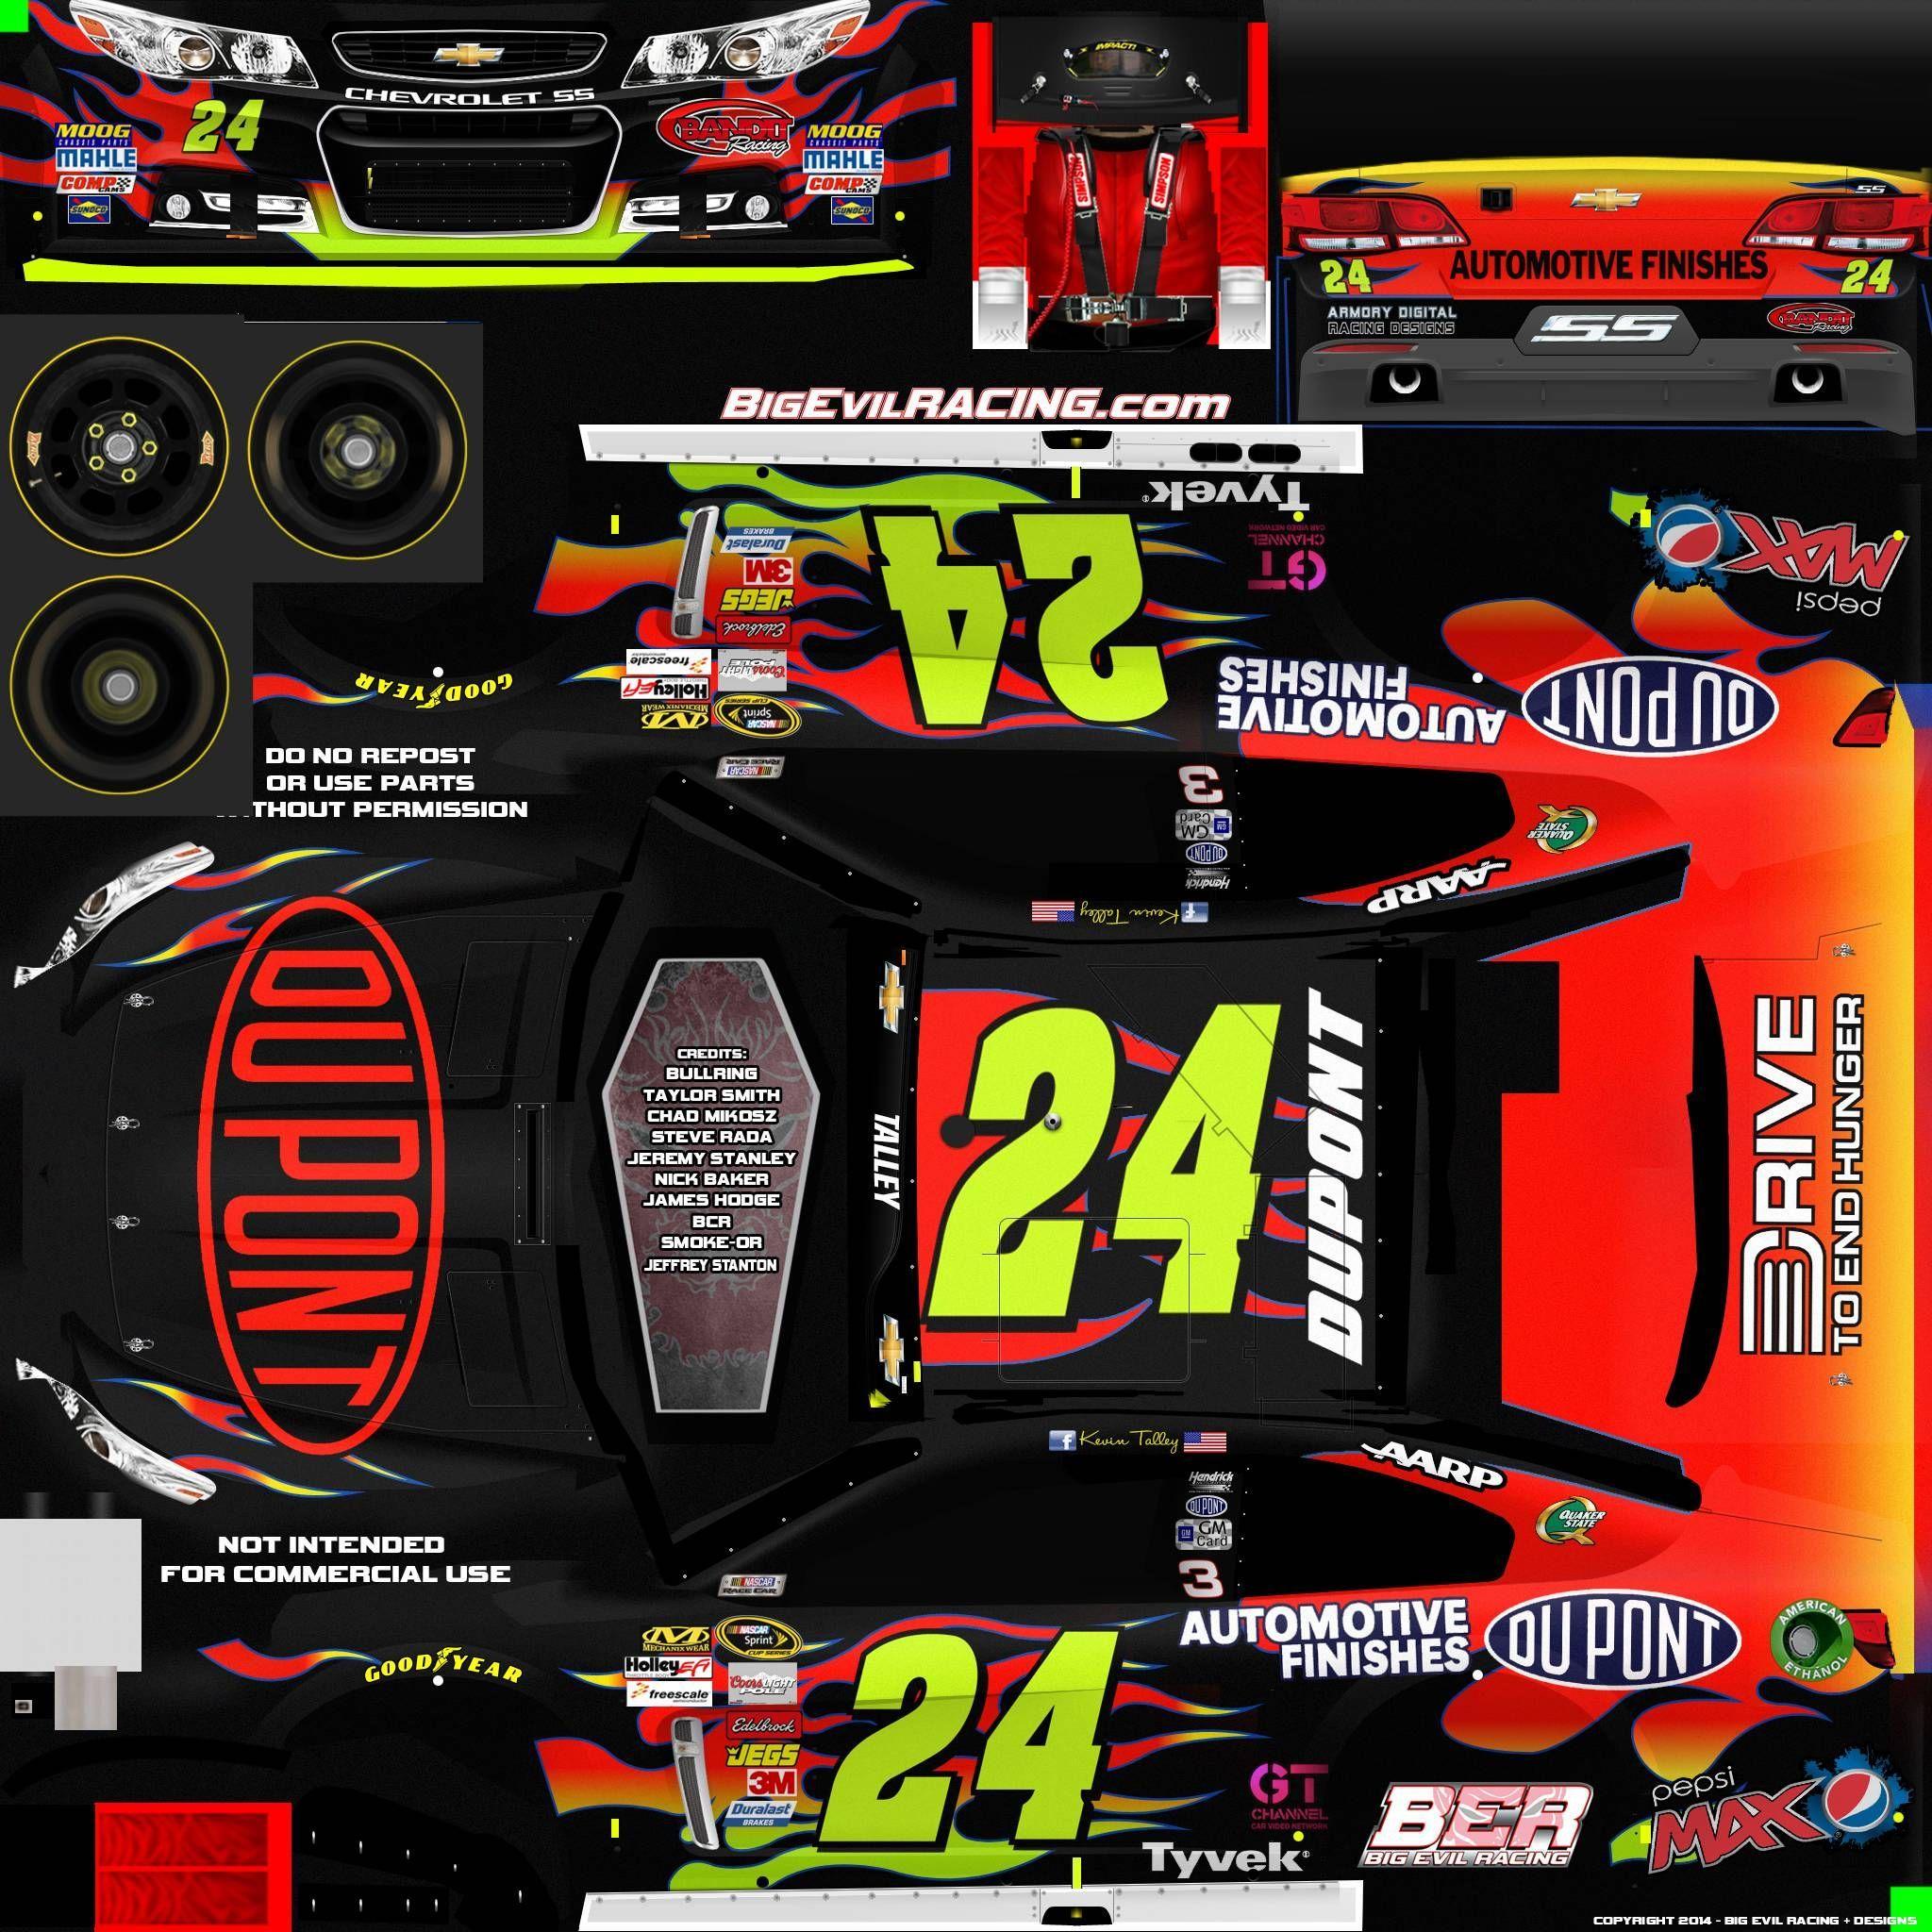 Gambar Mobil Balap Terbaru Gambar Gambar Mobil Mobil Balap Balap Mobil Sport Mobil